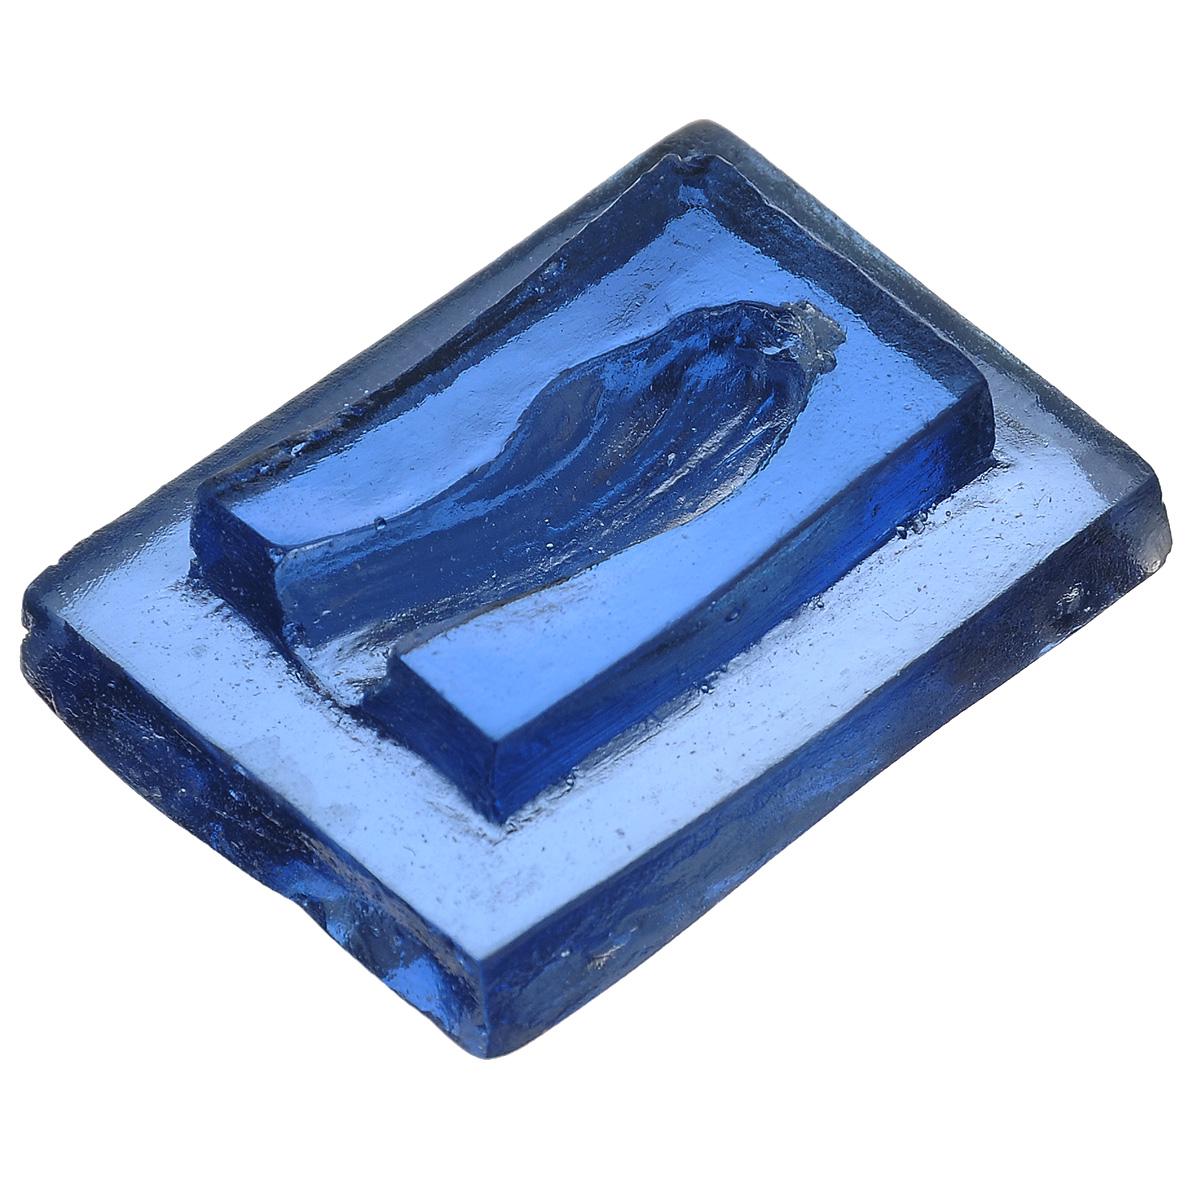 Молд для создания украшений из полимерной глины Fleur Фактура катлеи. Пестик04-0057Молд Fleur Фактура катлеи. Пестик, отлитый из эпоксидной смолы, применяется в керамической флористике для создания всех прожилок натурального растения. Использовать его просто. Раскатайте глину до достижения необходимой толщины и формы, после чего приложите изделие к рельефной части фактуры и надавите по всей поверхности легкими поступательными движениями. Затем аккуратно снимите глину с фактуры. На материале сохранятся все прожилки растения. При первом использовании рекомендуется слегка смазать молд кремом для рук.